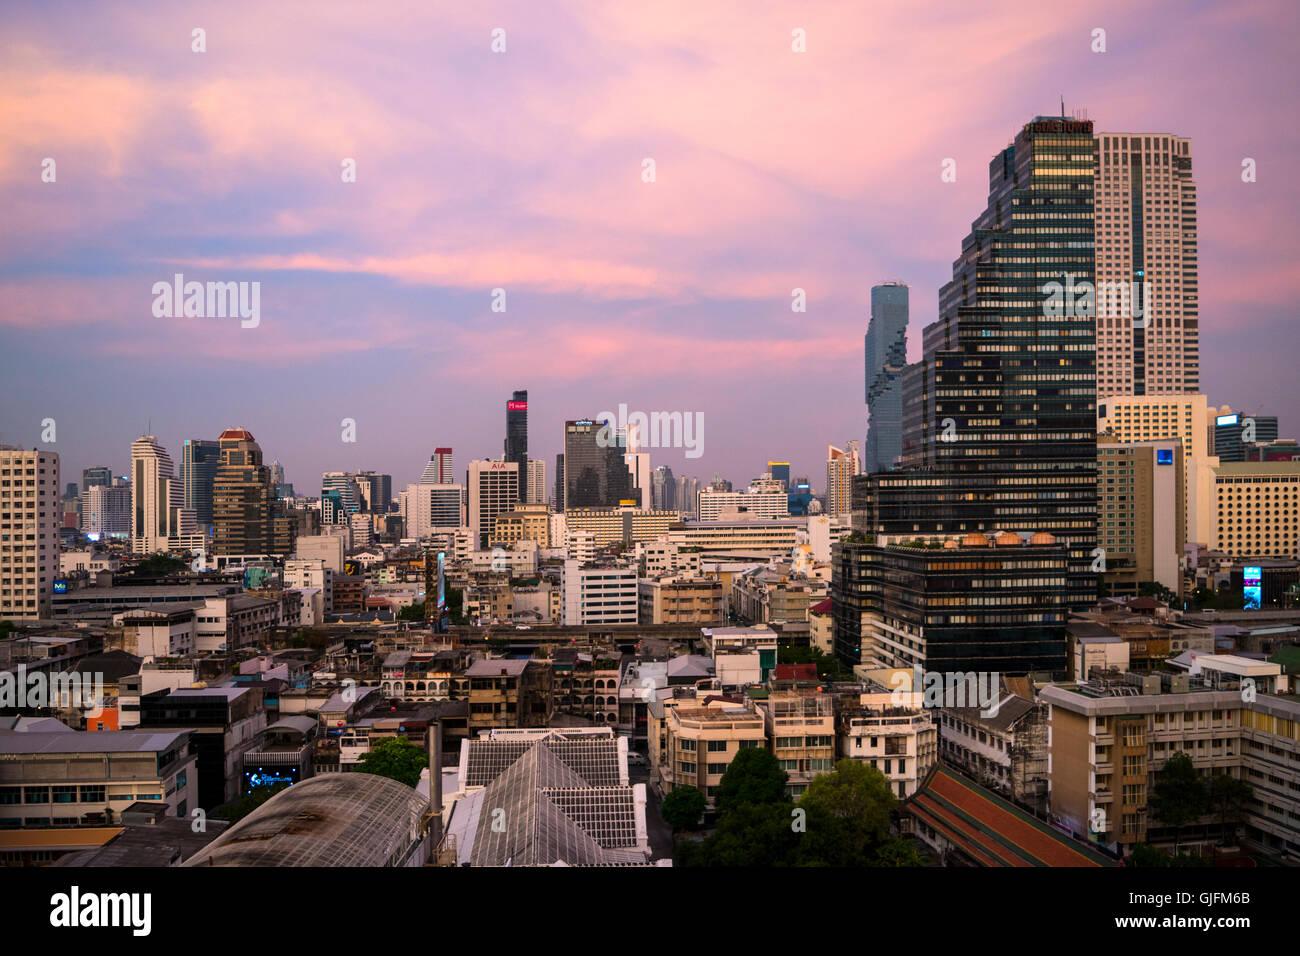 Sonnenuntergang-Bangkok, Thailand, Übersicht Stockbild